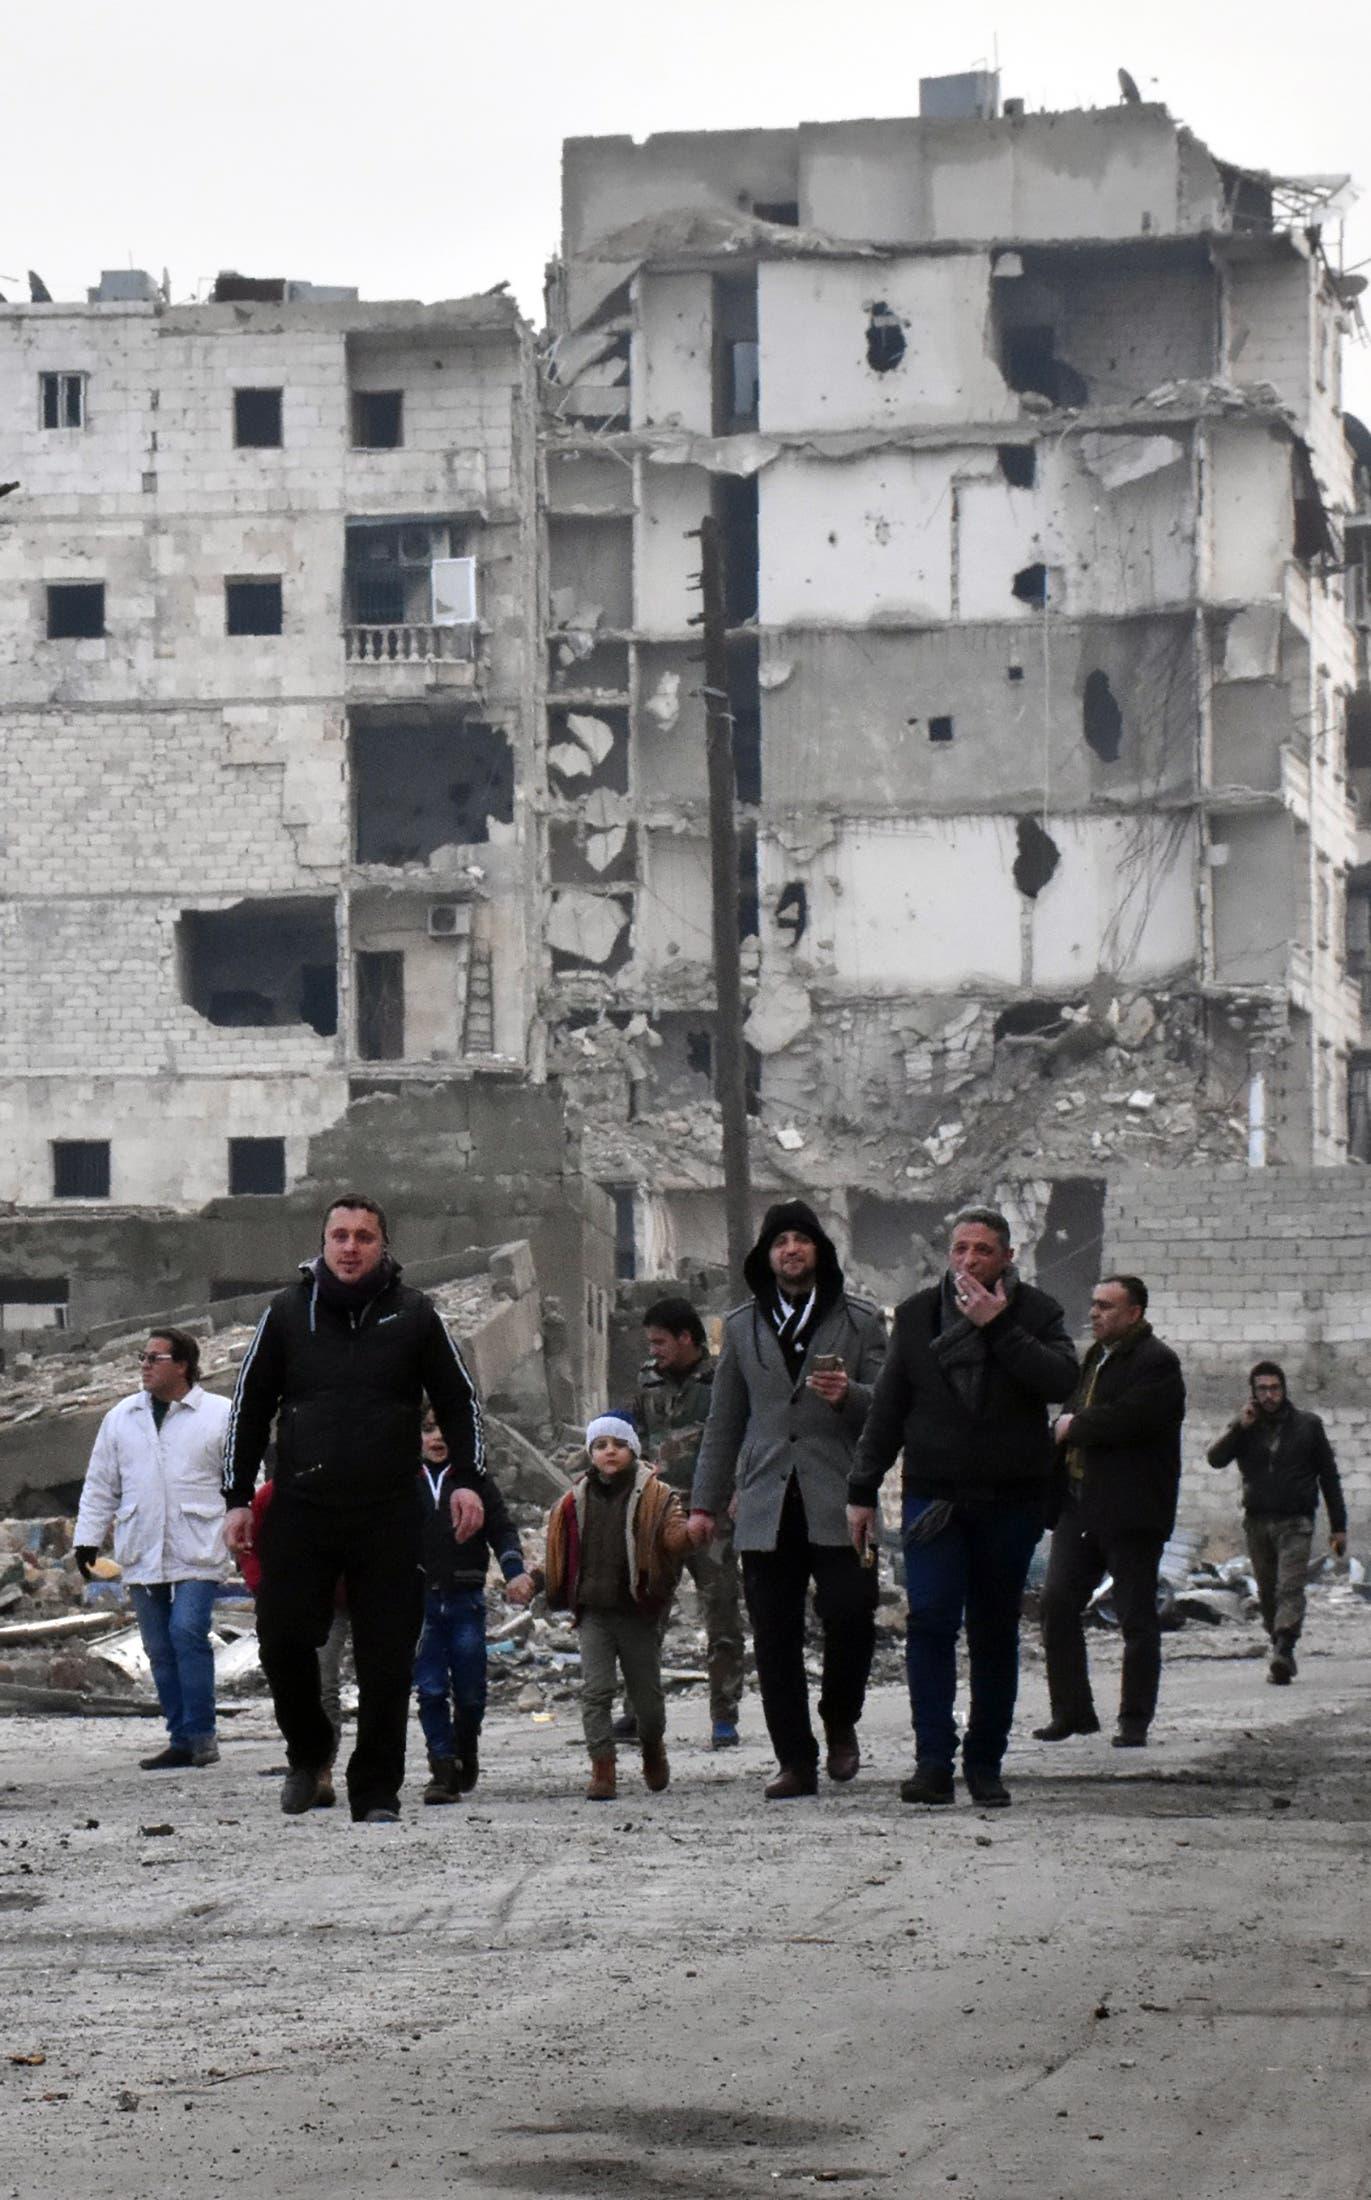 Aleppo. (AFP)